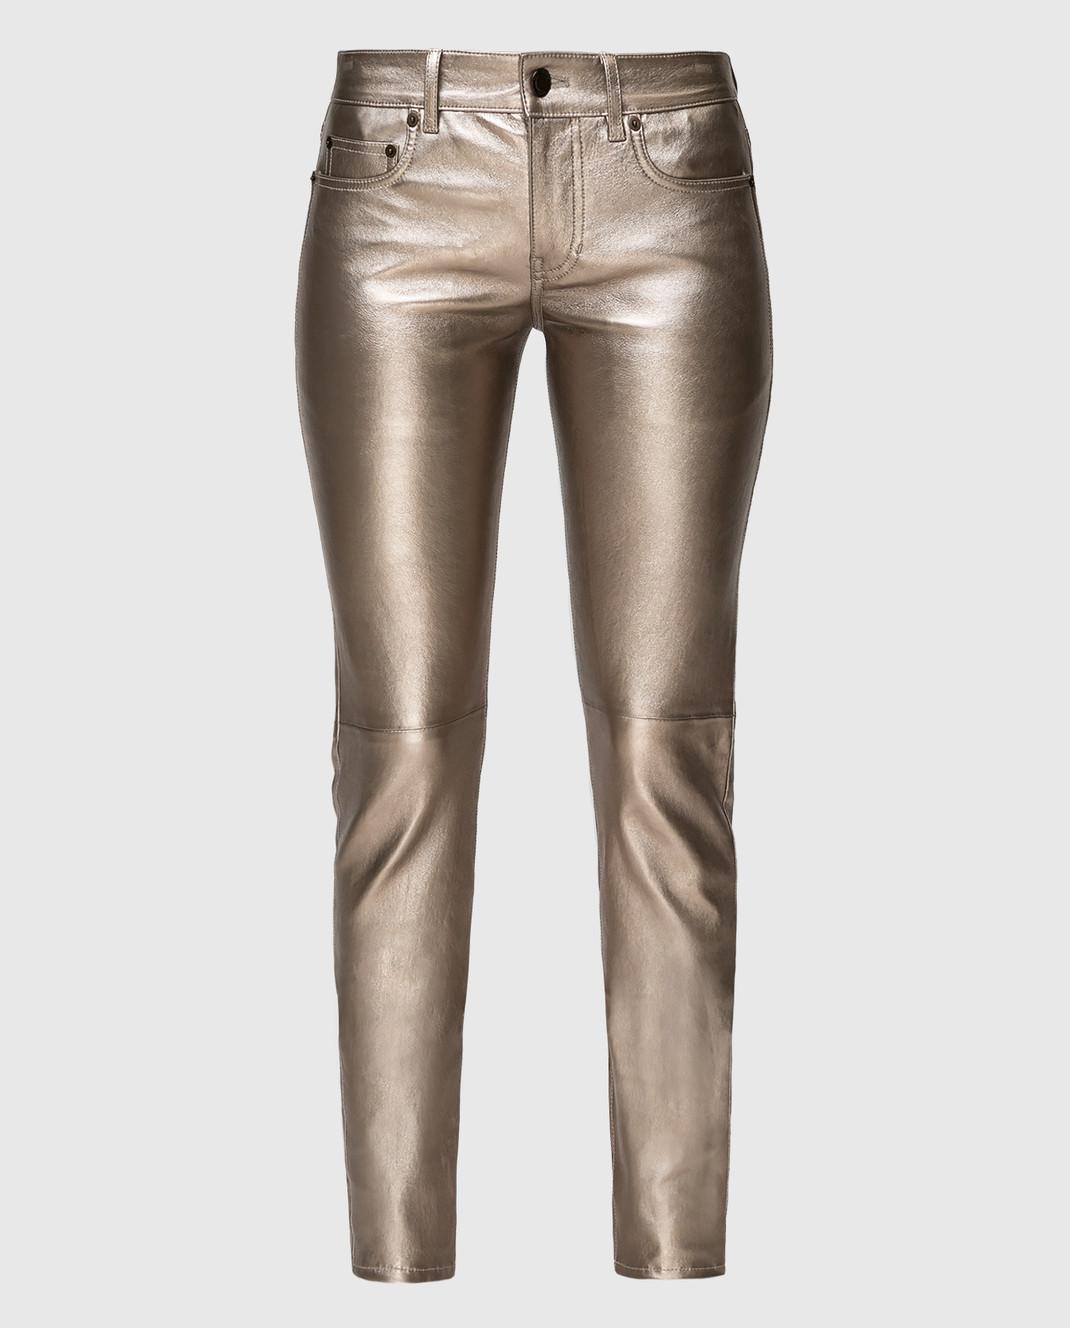 Saint Laurent Золотистые брюки изображение 1